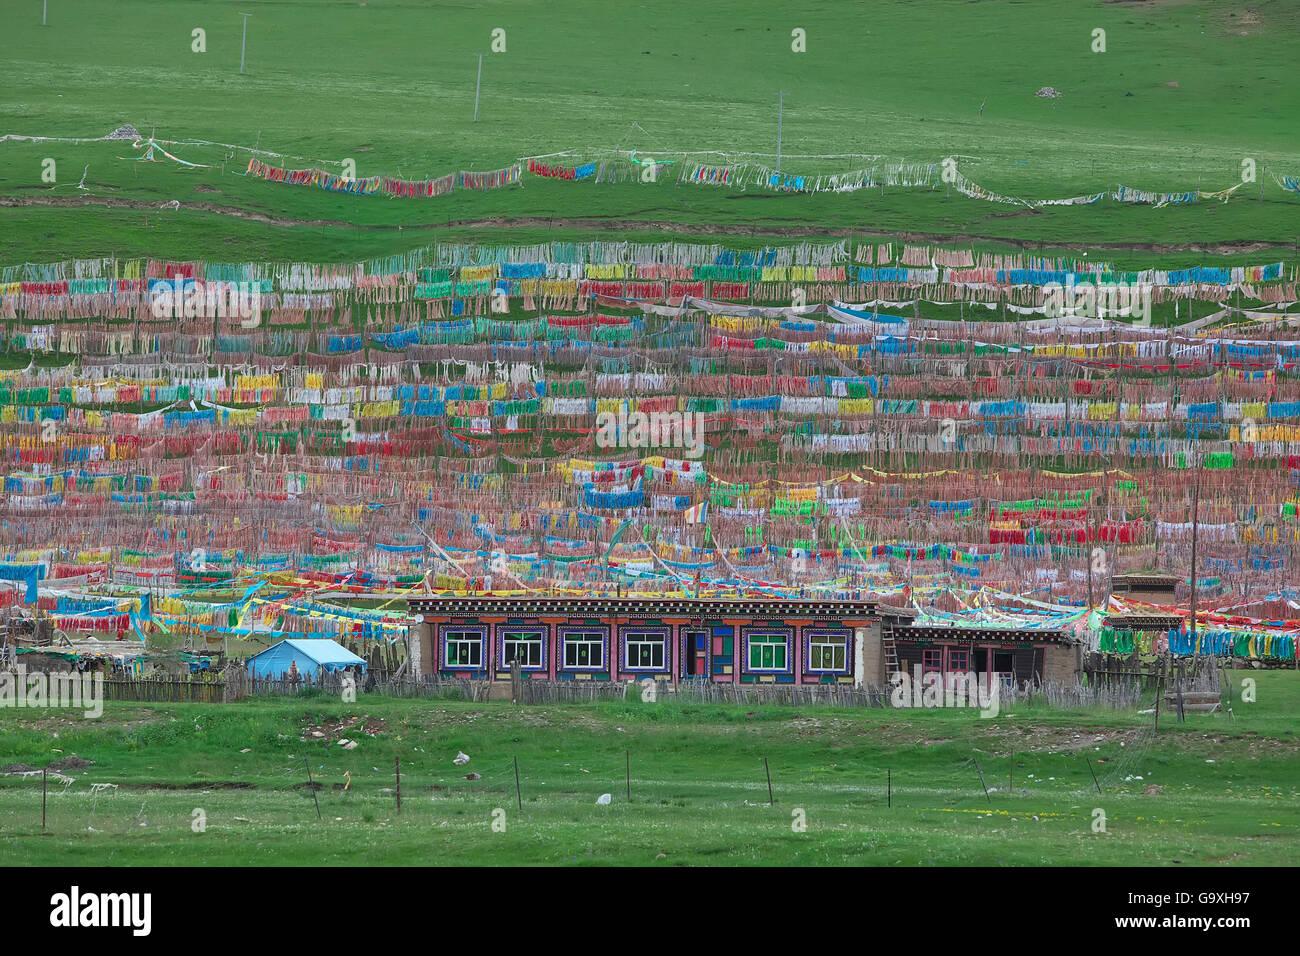 Banderas de oración budista colorido edificio circundante, Shiqu Serxu, condado, provincia de Sichuan, China, Imagen De Stock